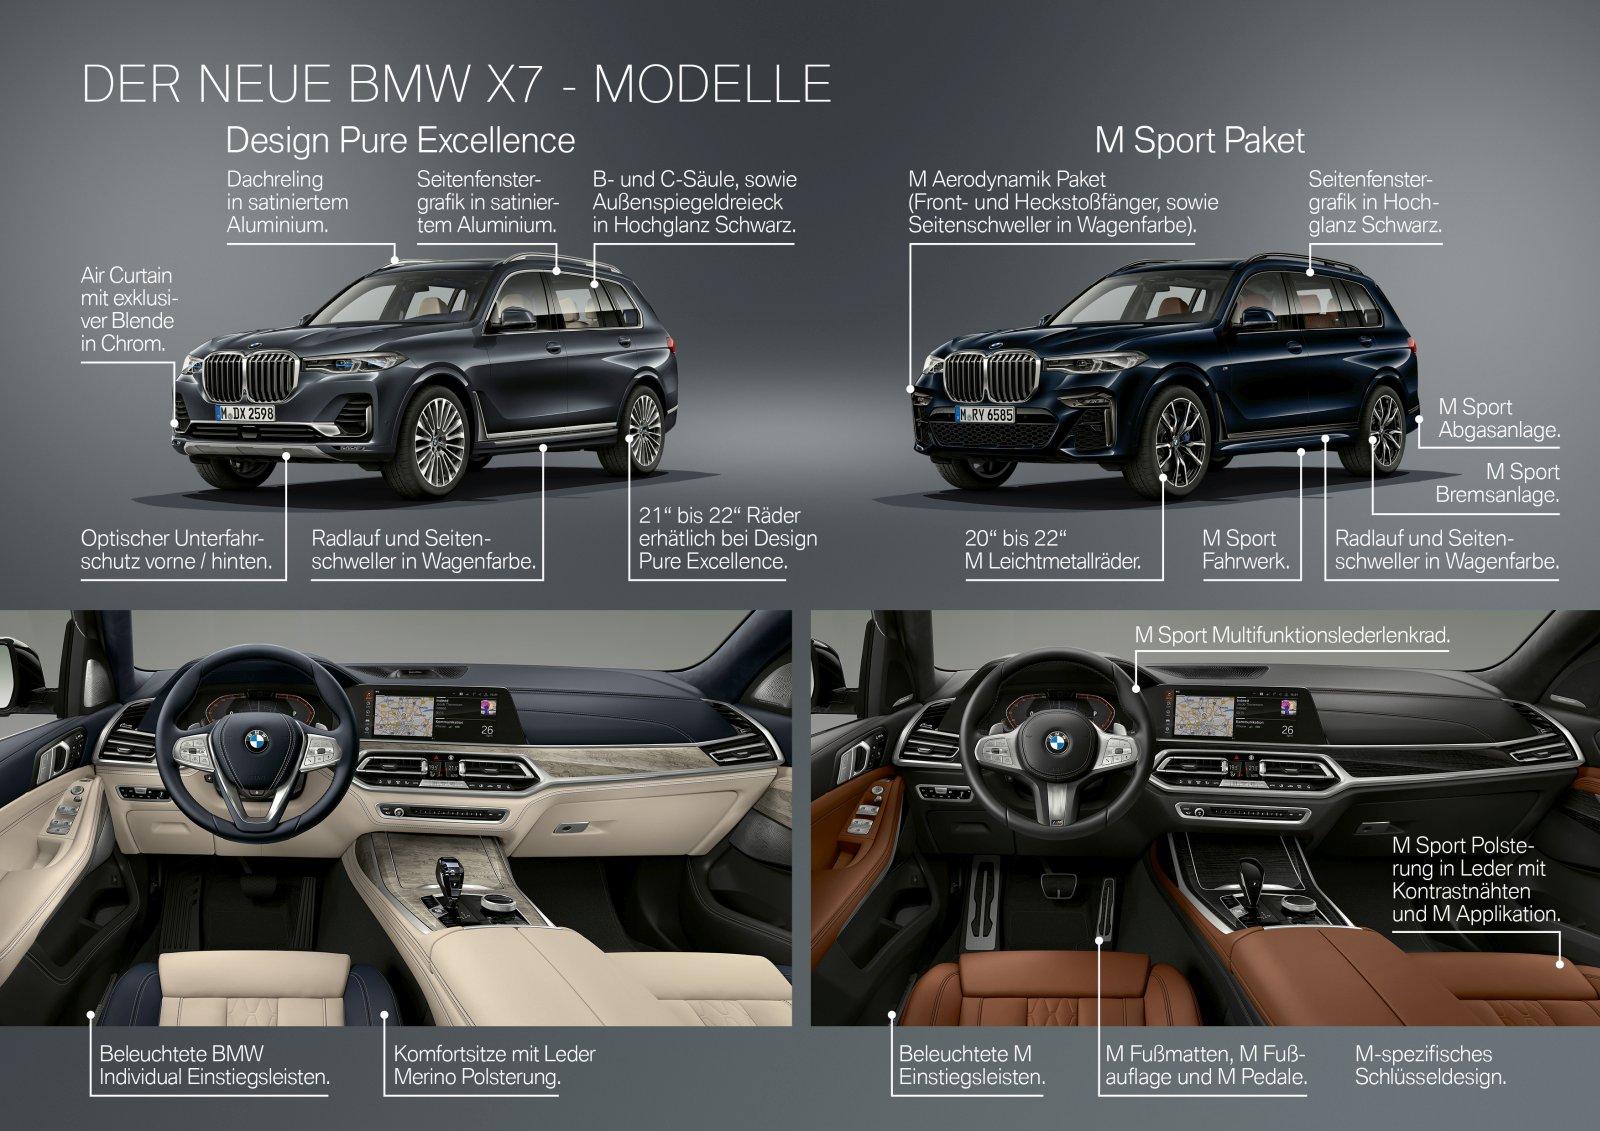 Bmw X7 Vorgestellt Alles Auto